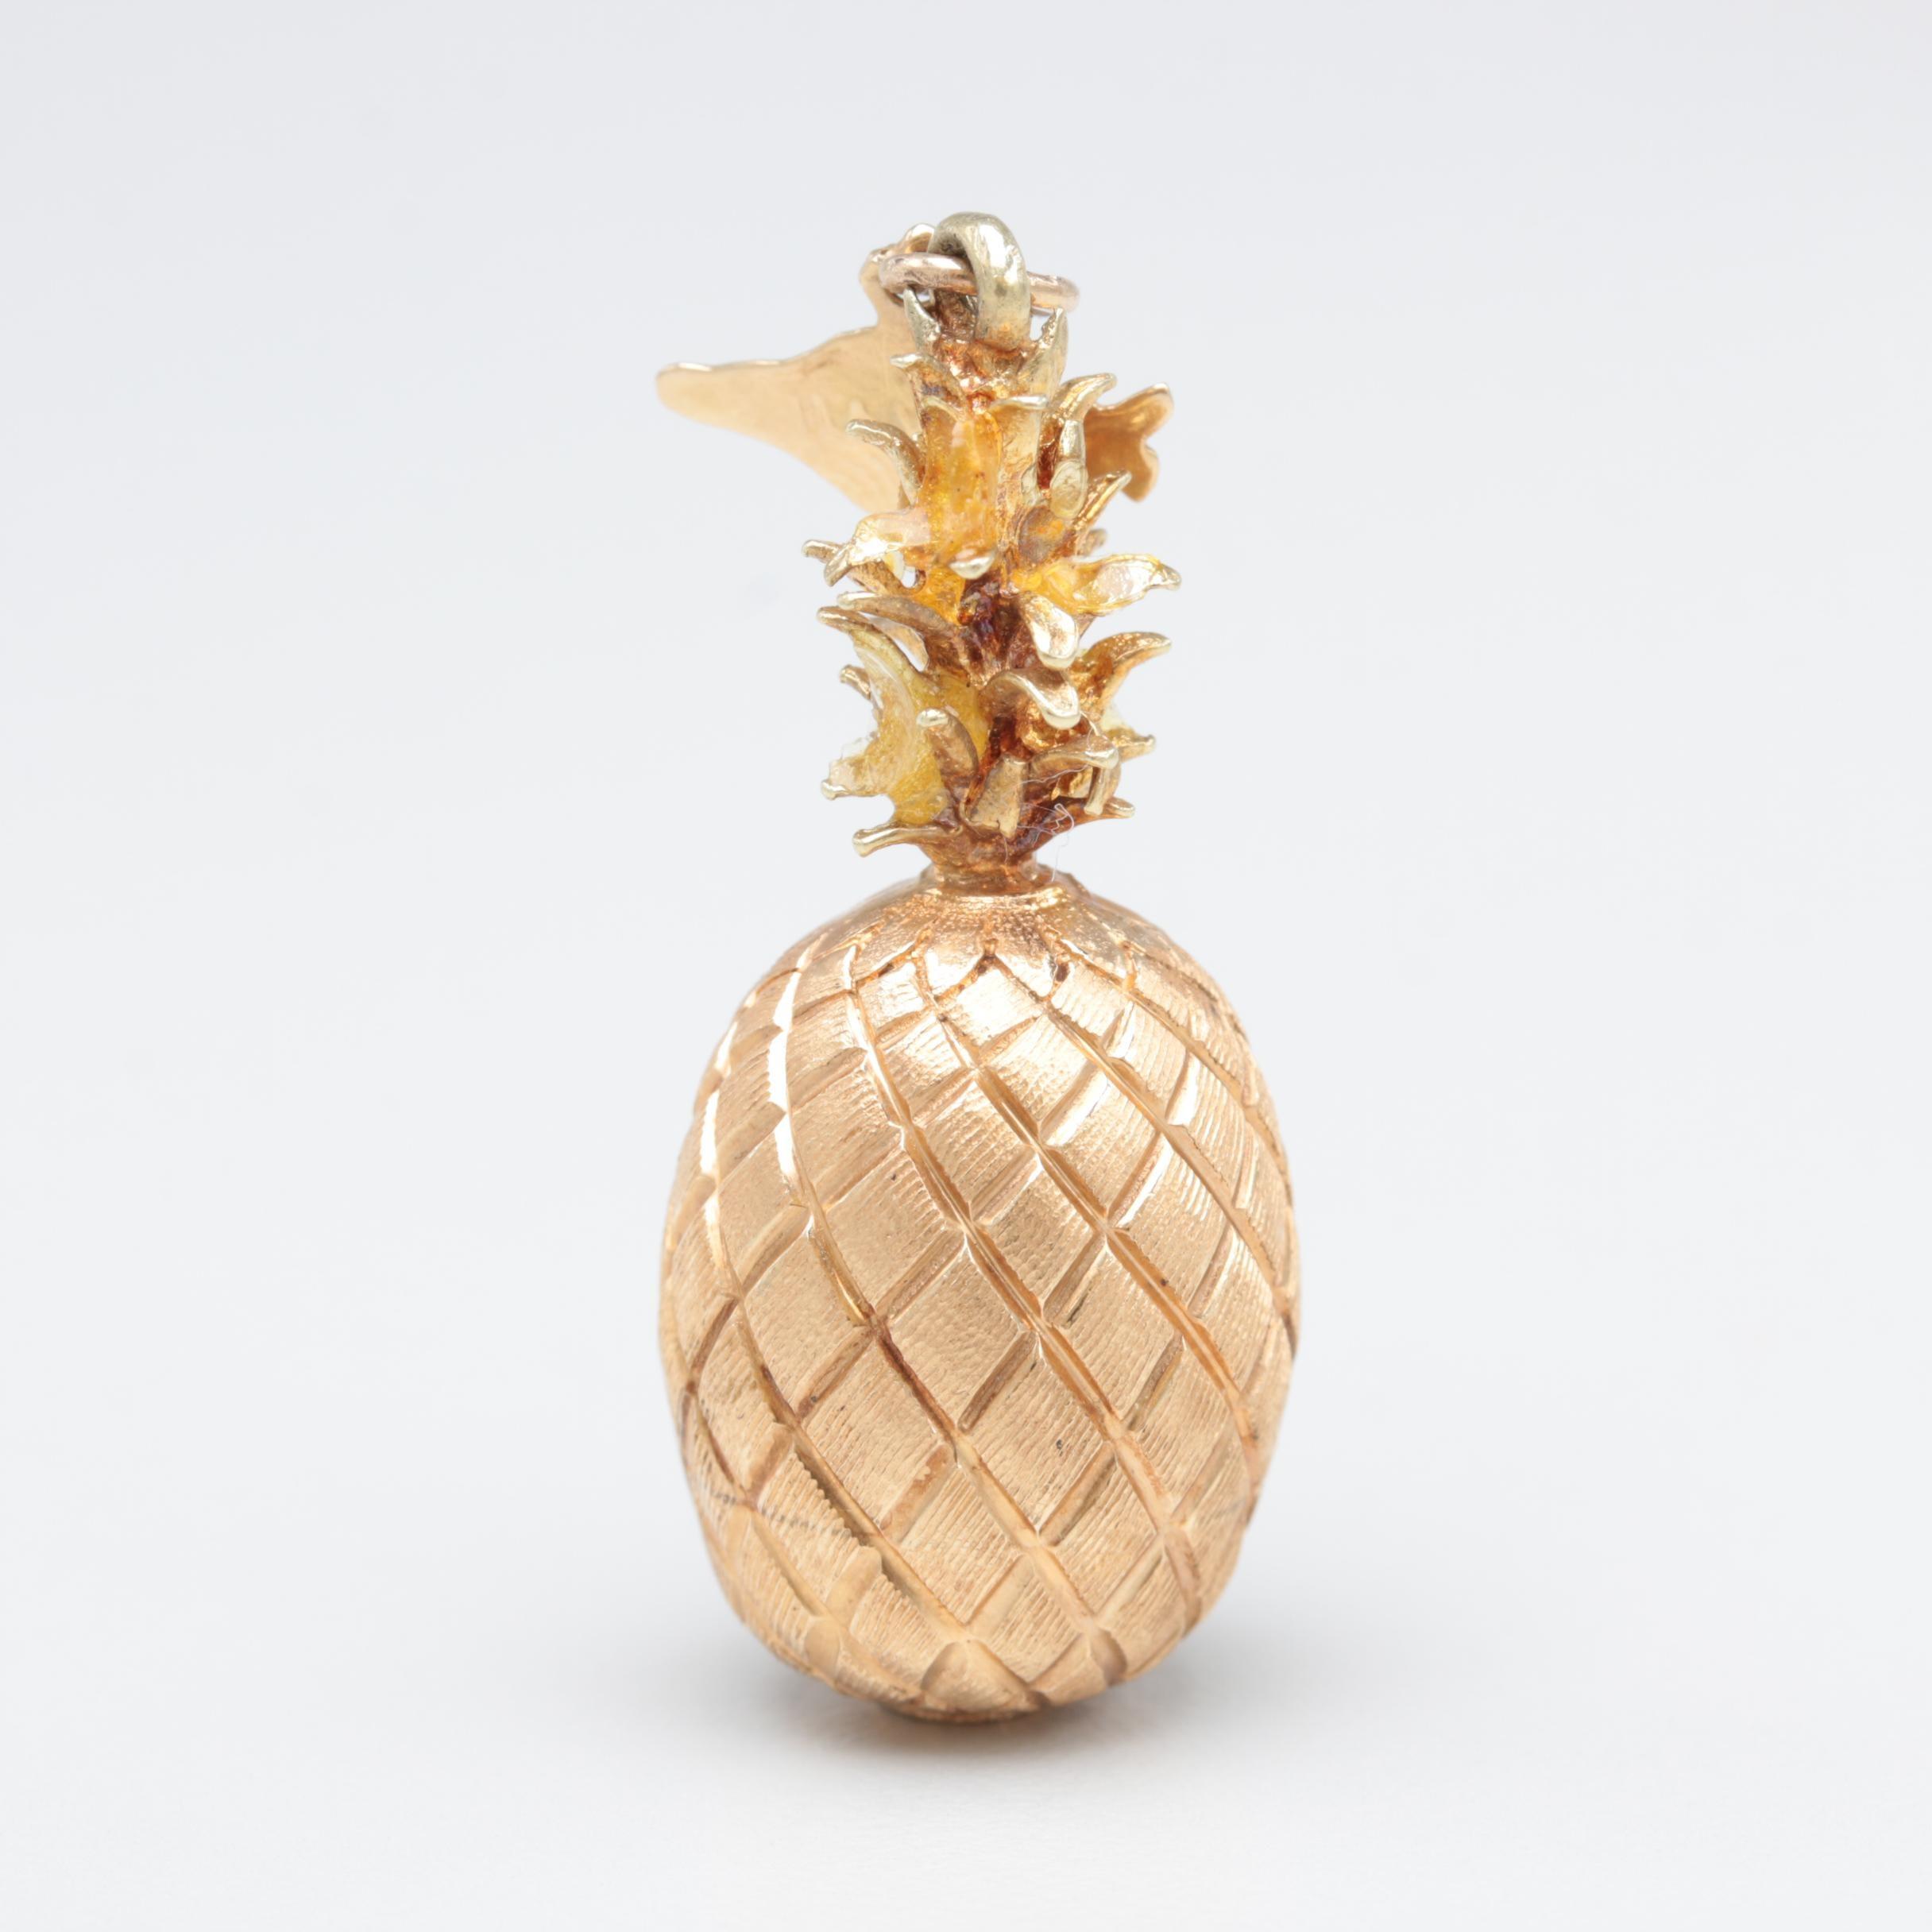 14K Yellow Gold Pineapple Hawaii Charm